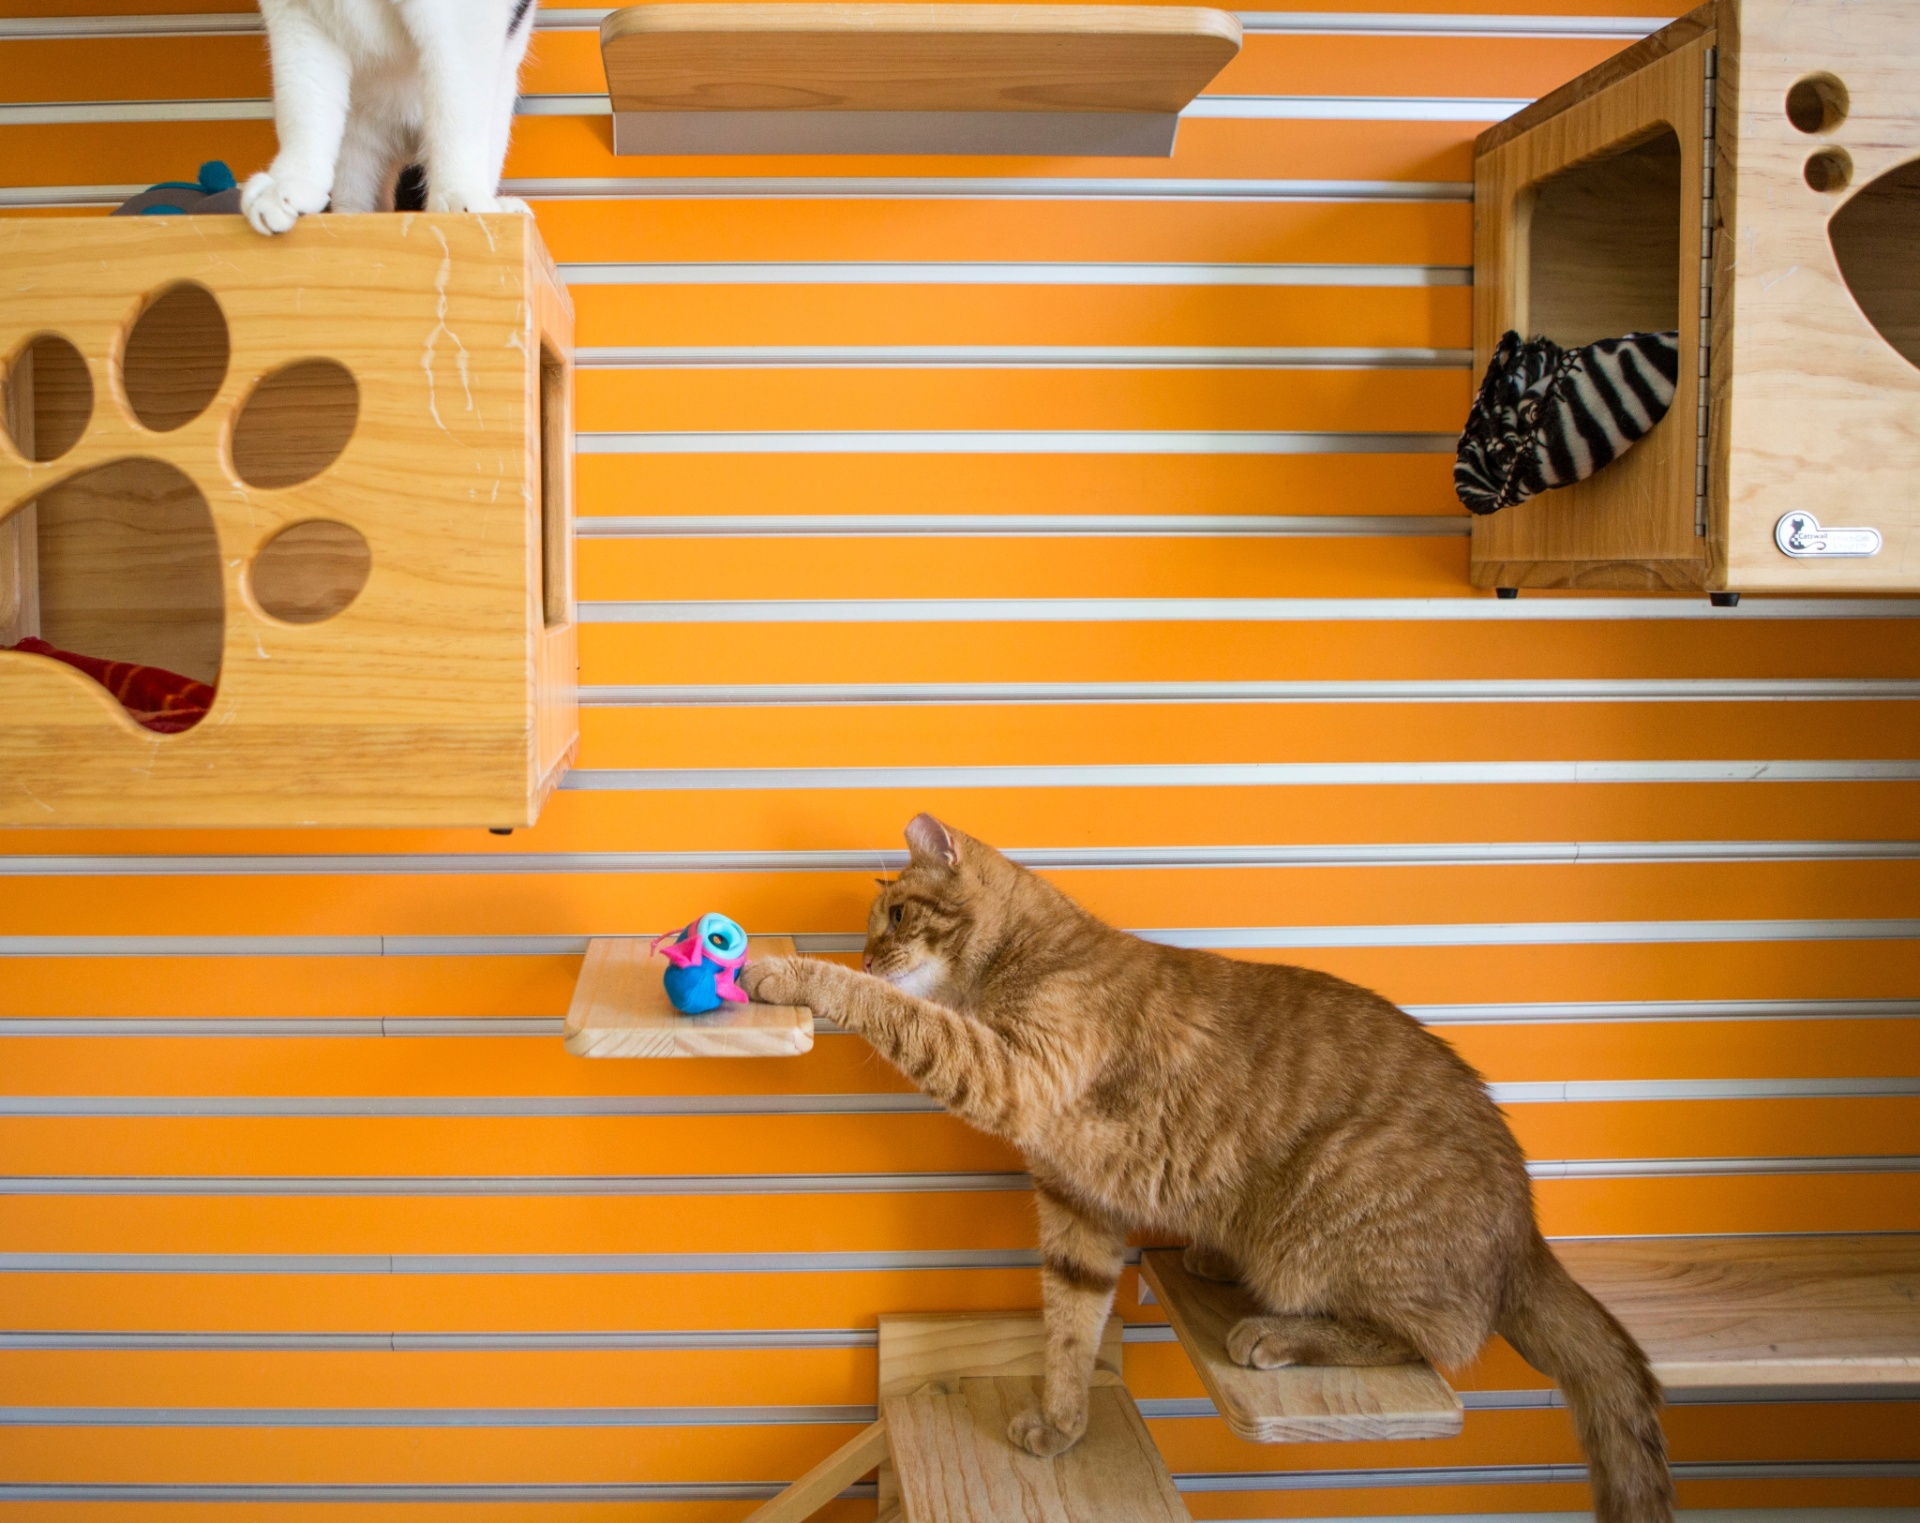 25.07.2016 - Uma maneira mais saudável de alimentar seu gato: esconda suas refeições